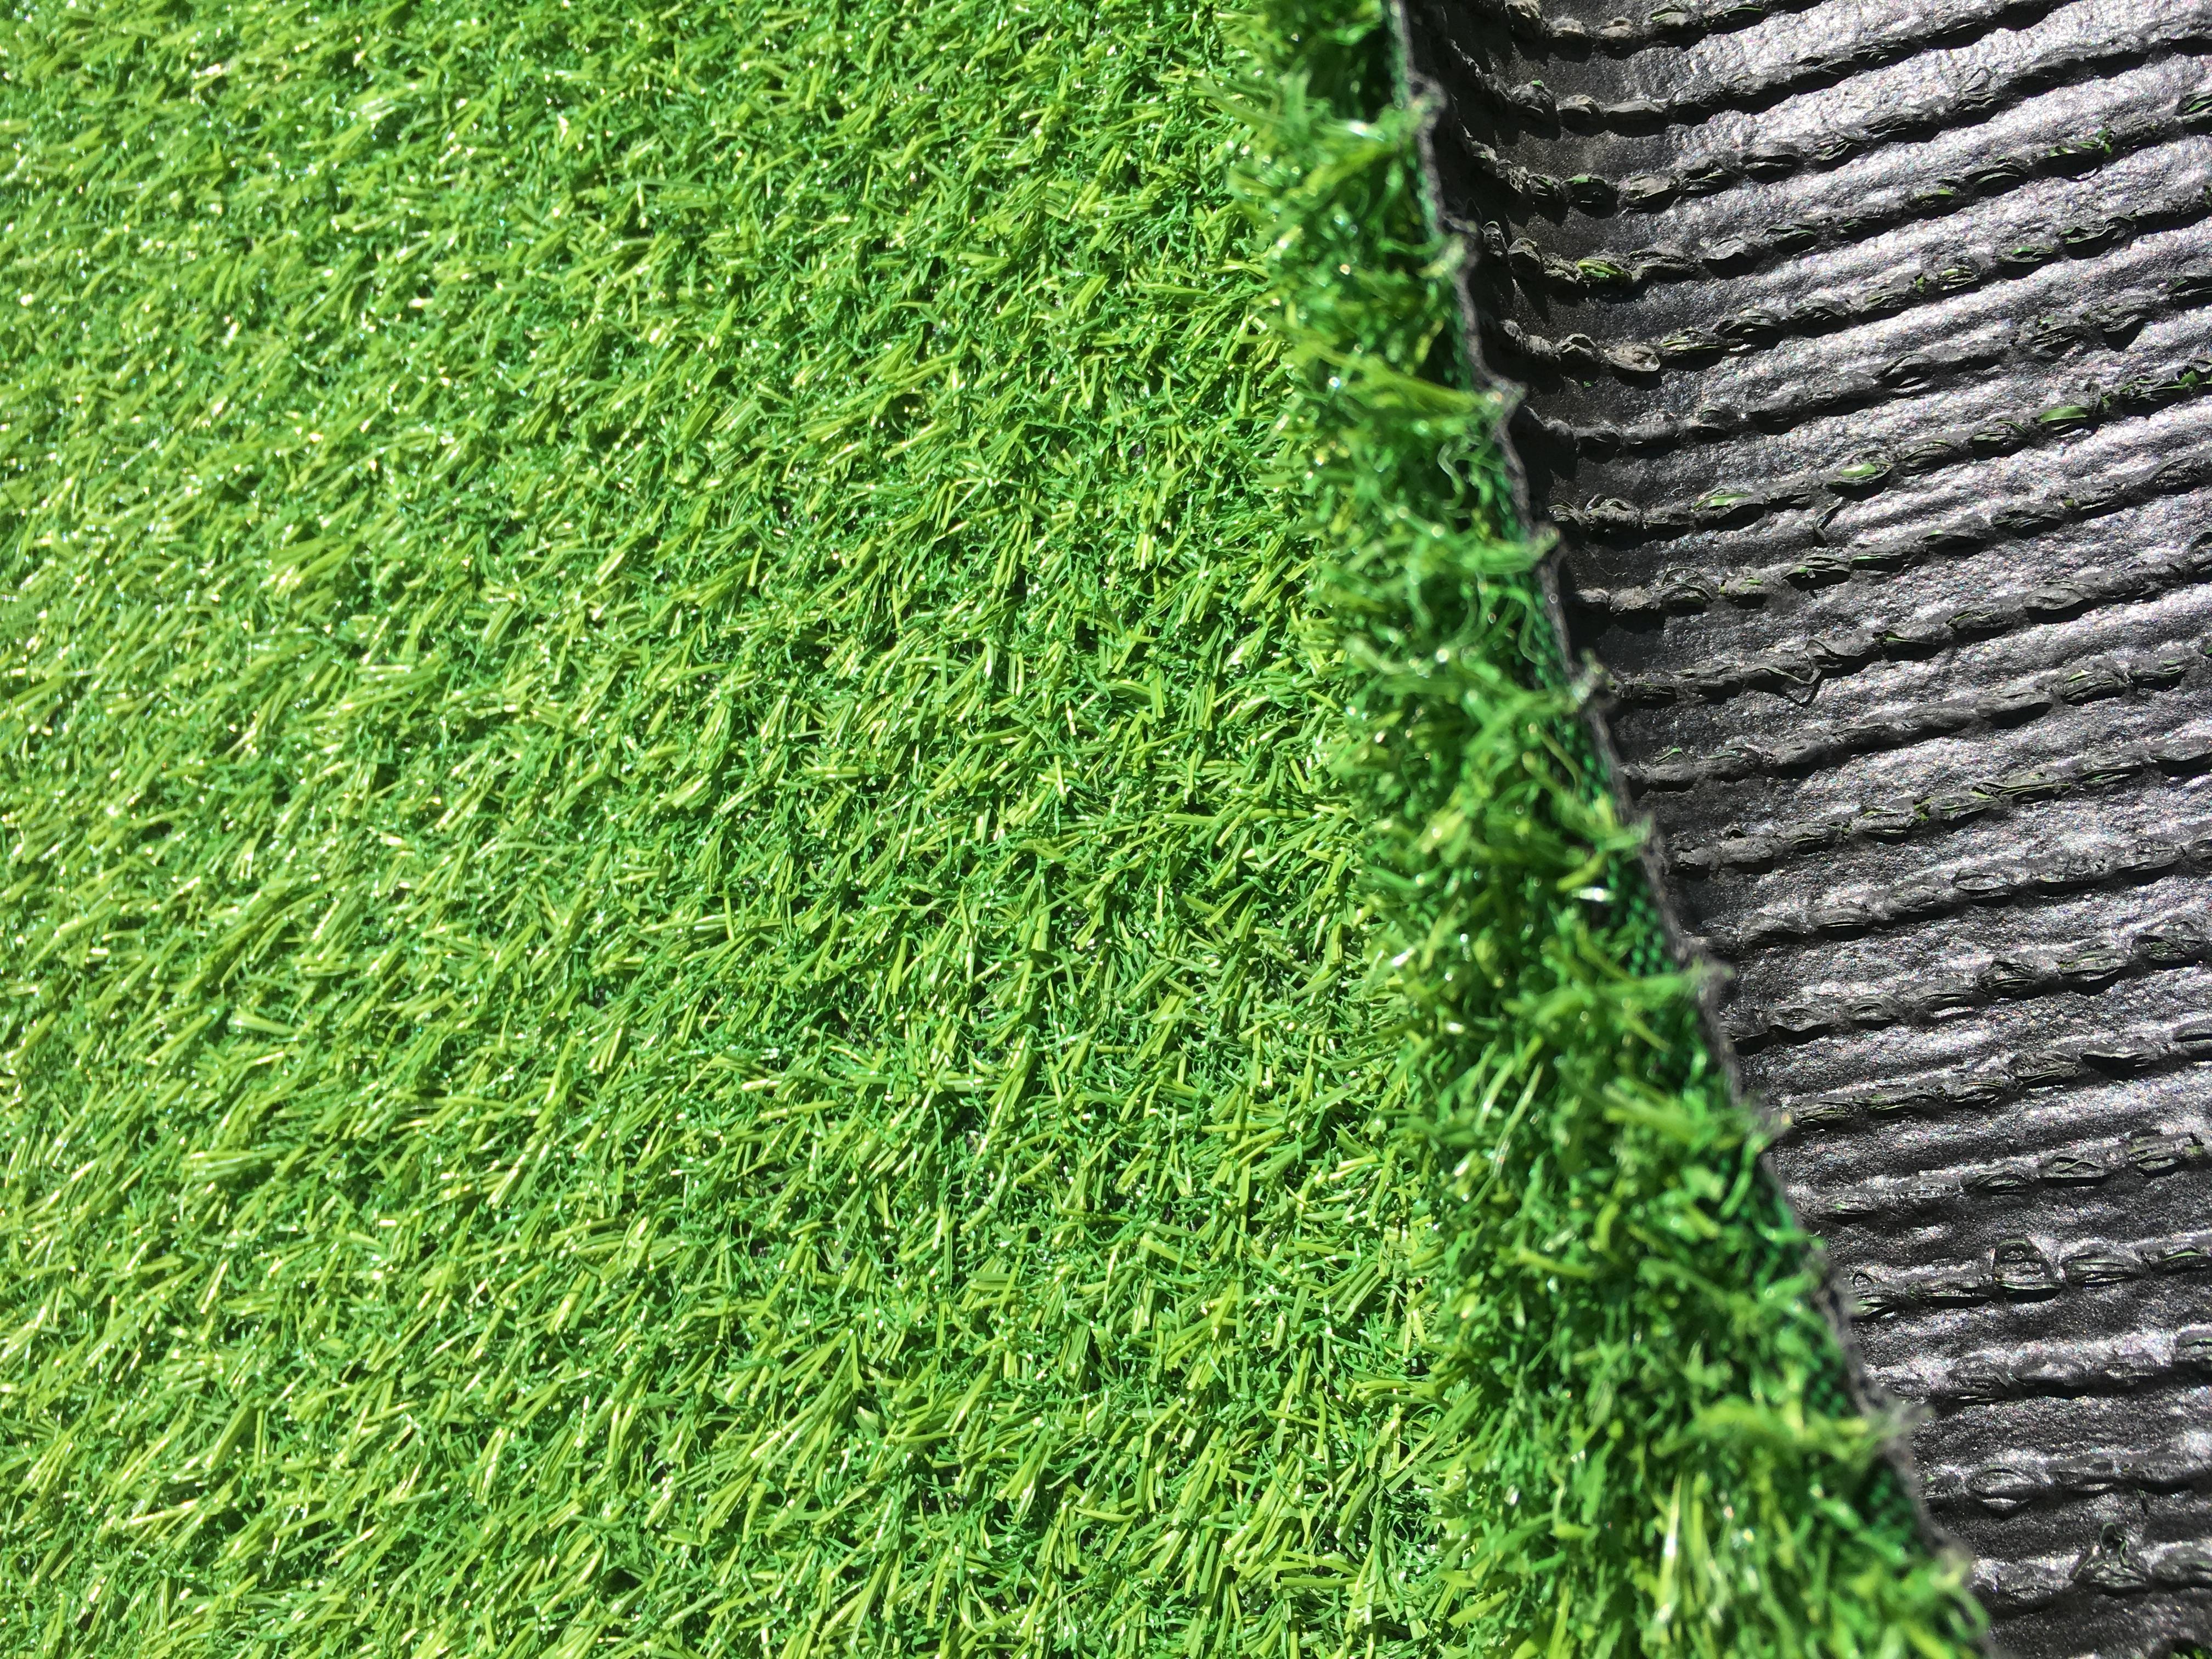 Covor Iarba Artificiala, Tip Gazon, Verde, Tropicana, 100% Polipropilena, 10 mm, 300x400 cm2